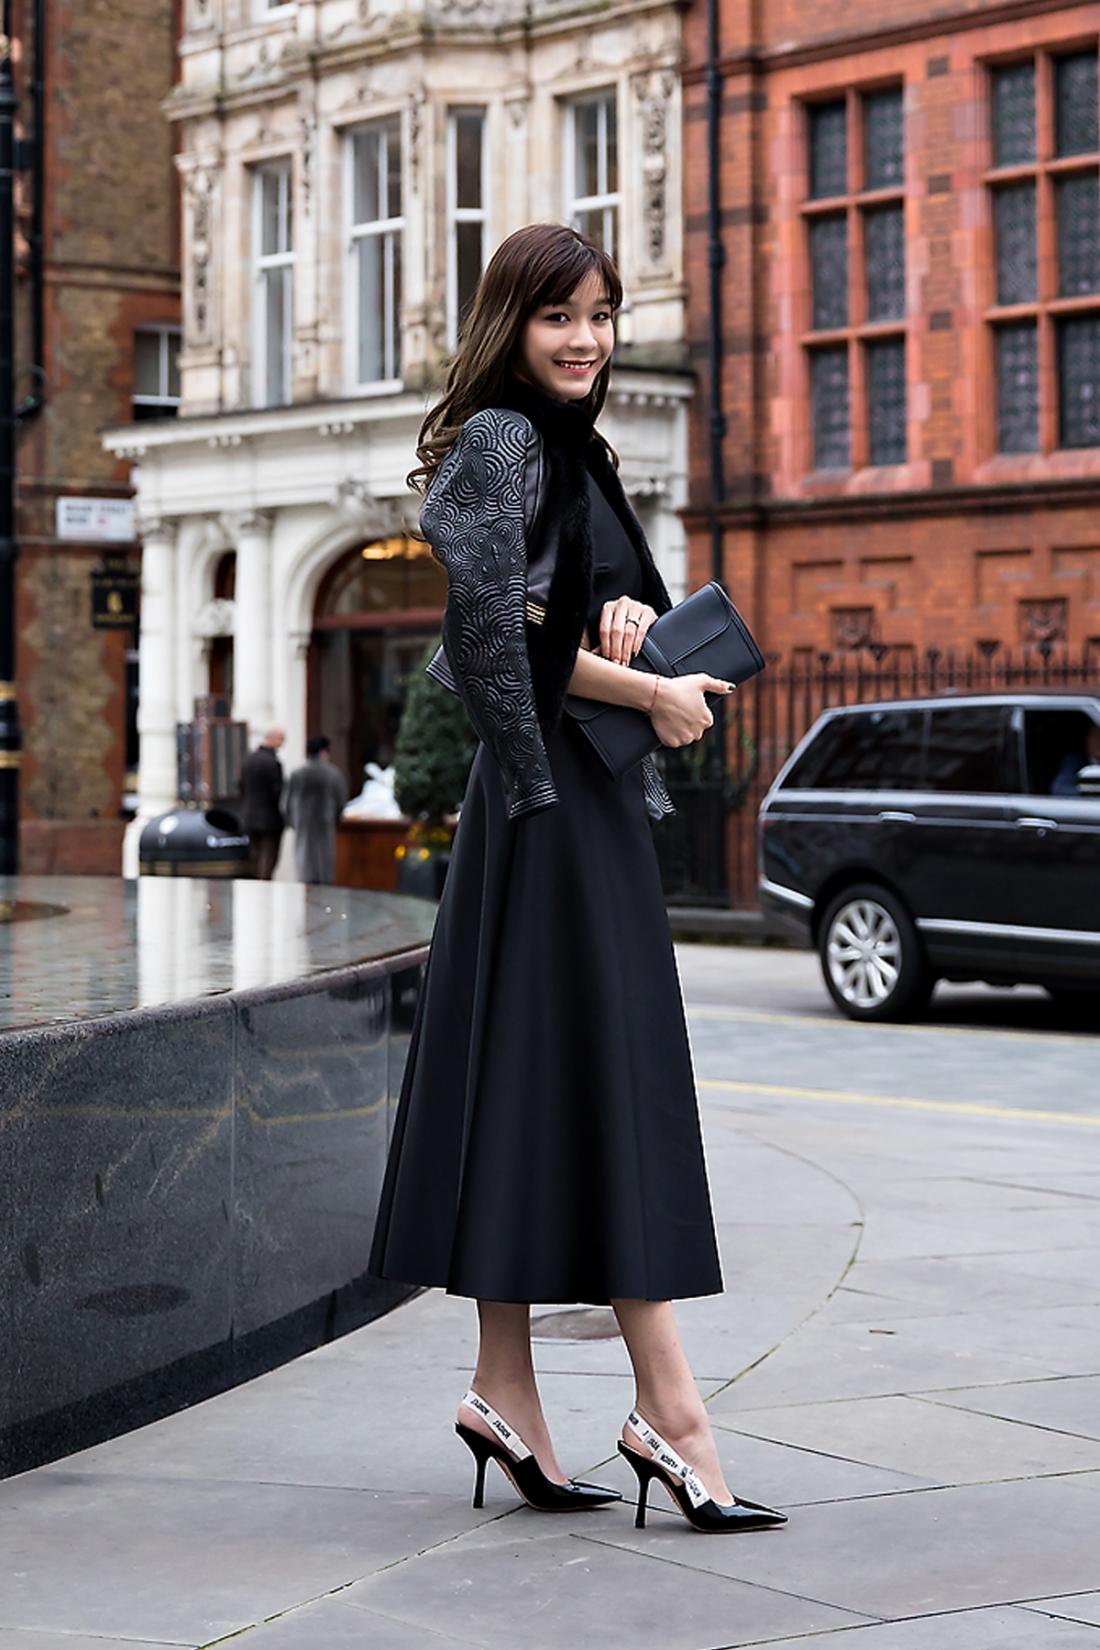 Nesty, Street Fashion 2017 in London.jpg